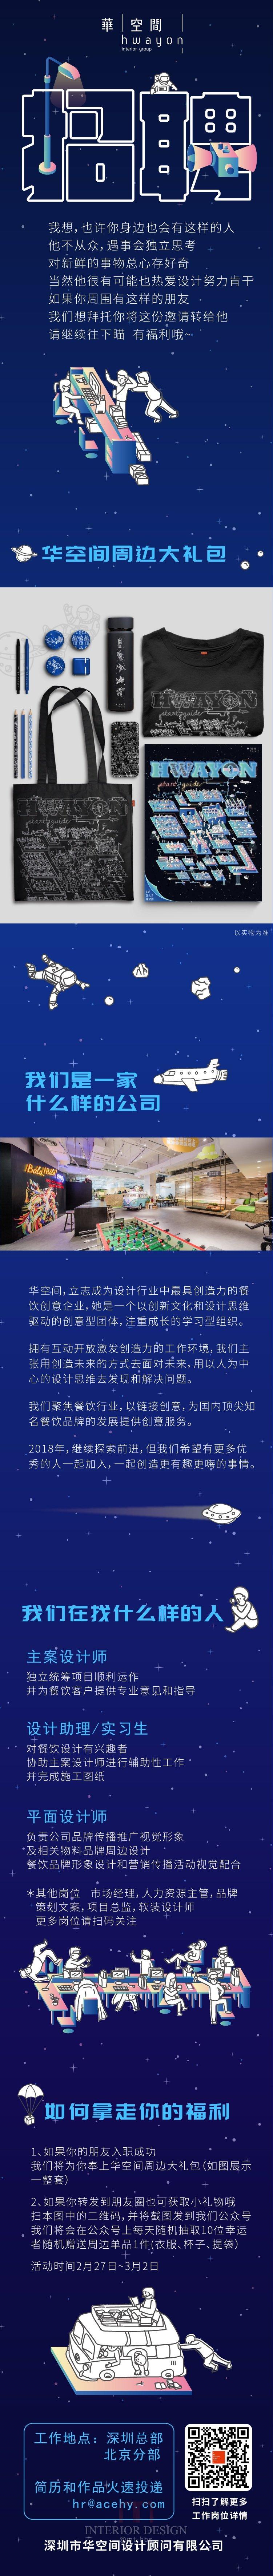 招聘!深圳华空间设计招聘了!因为专注所以专业的餐饮..._微信图片_20180227160921.jpg